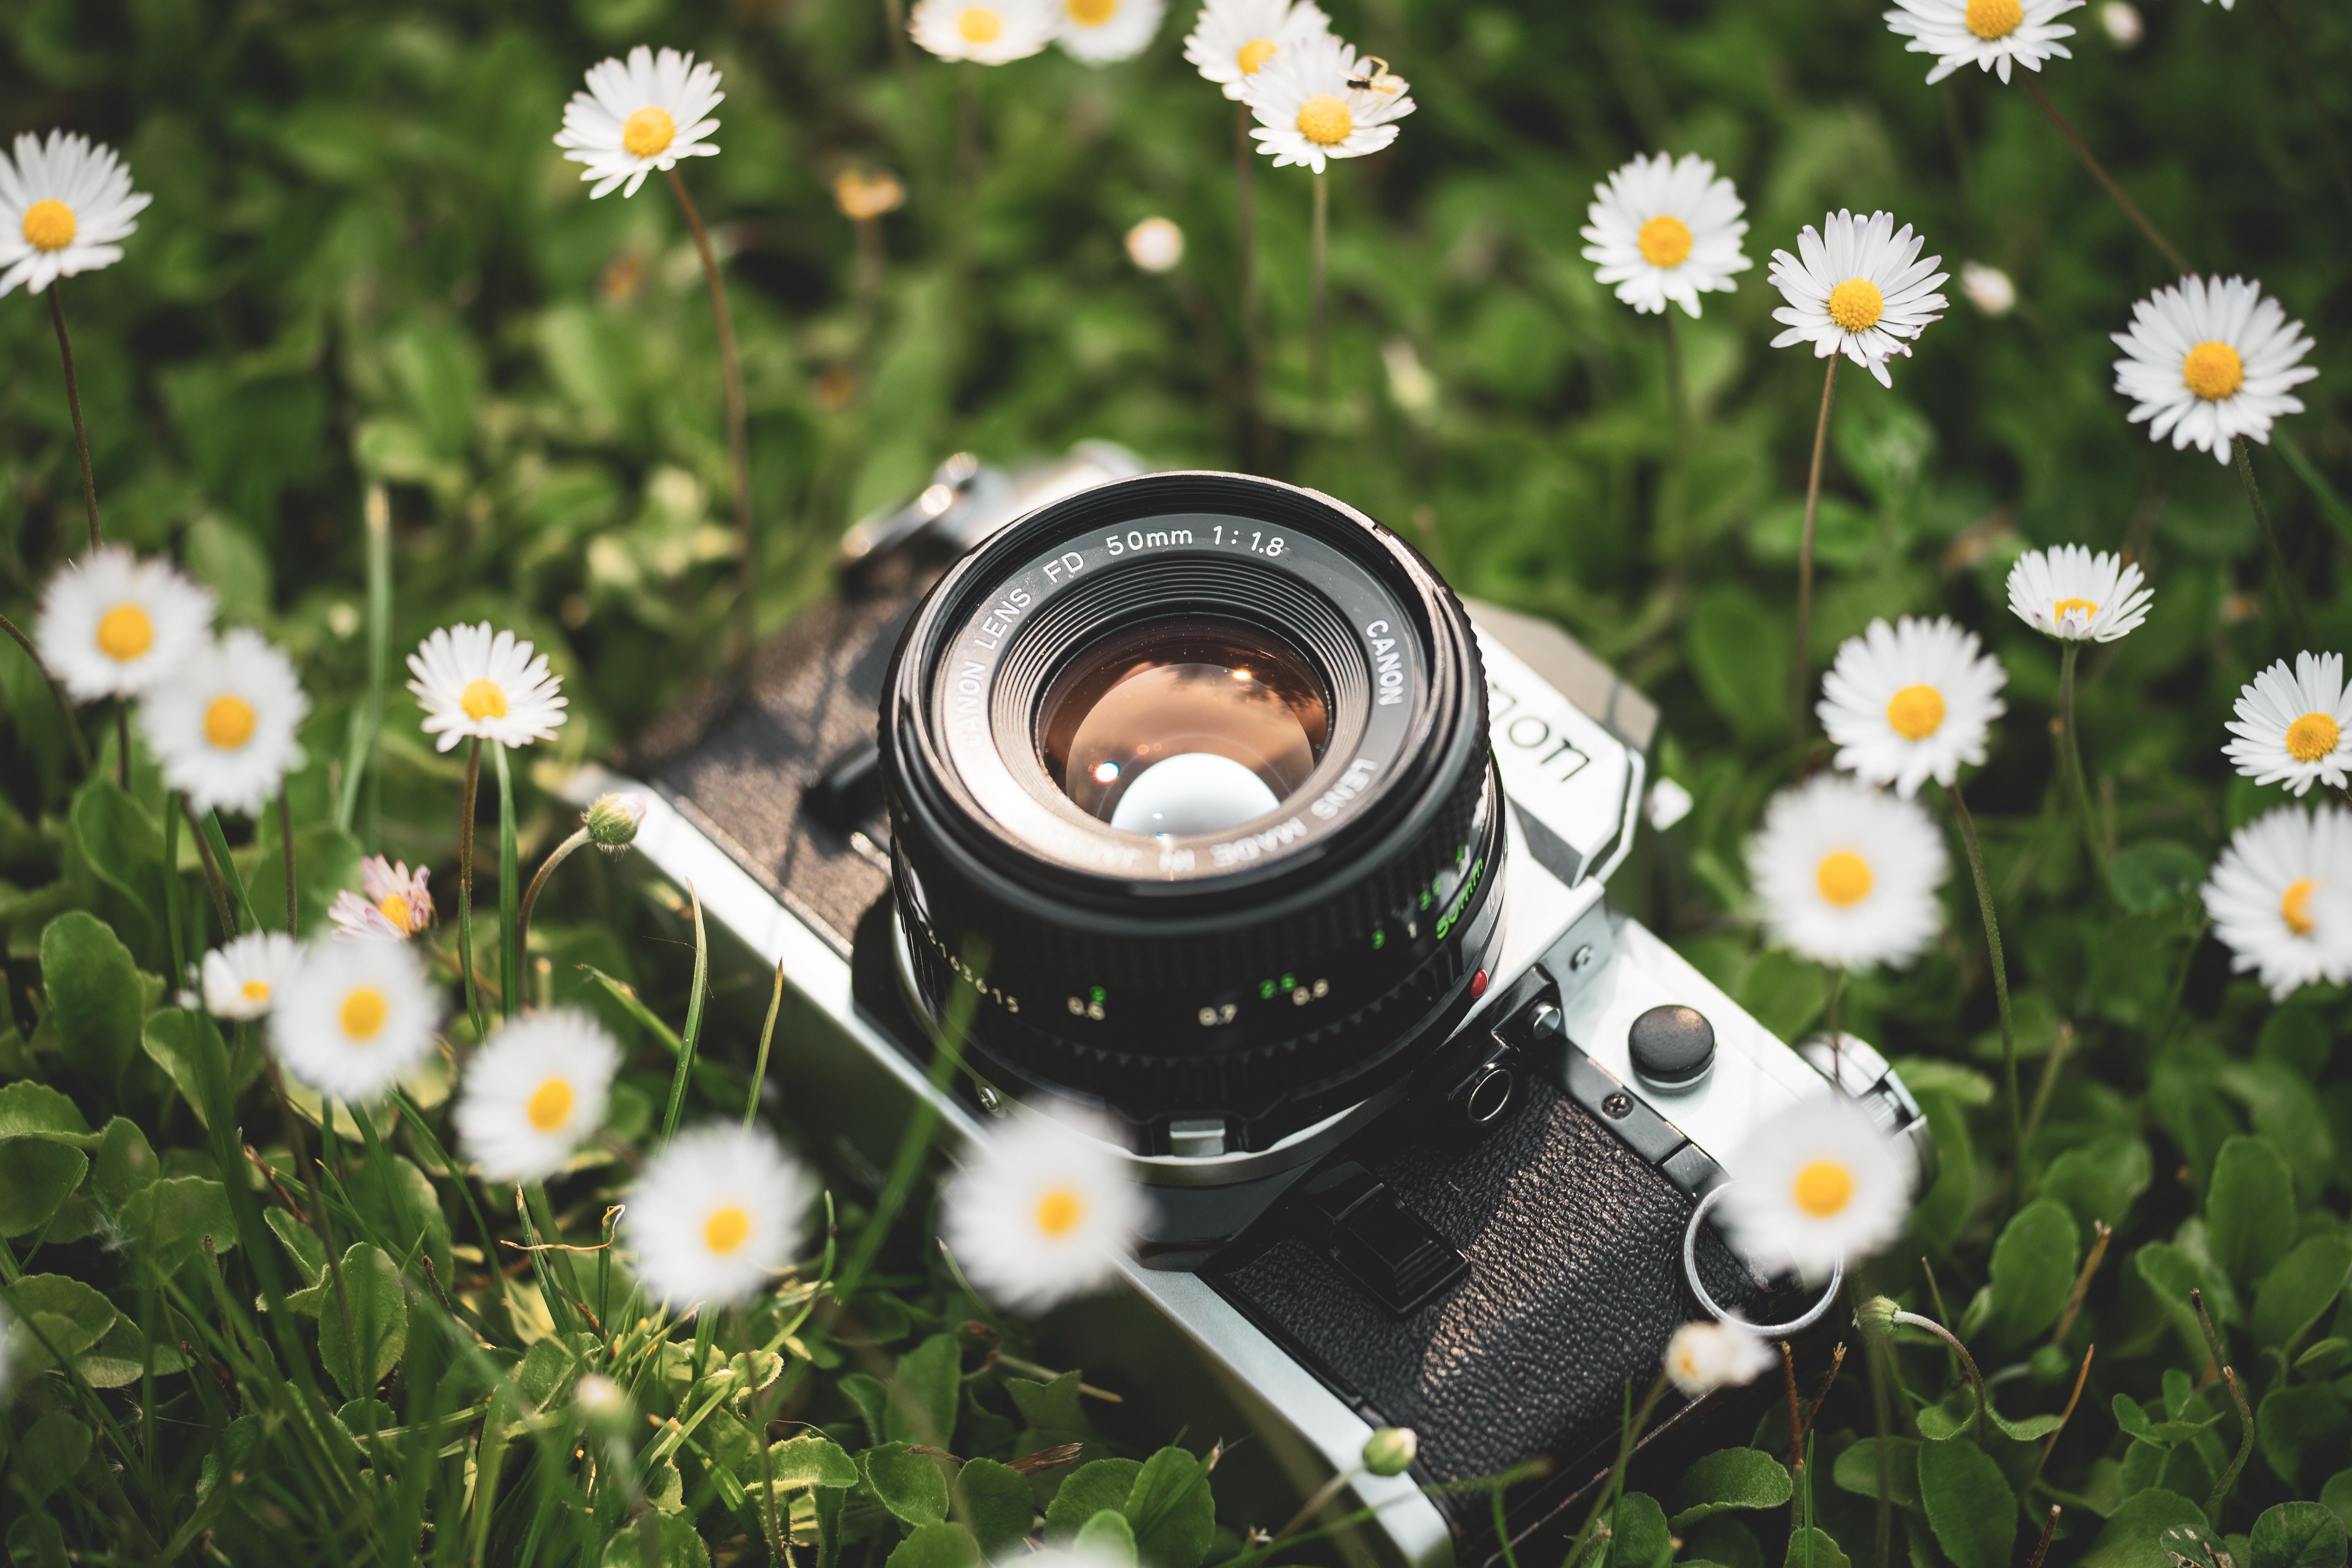 gray MILC camera on daisy flower field